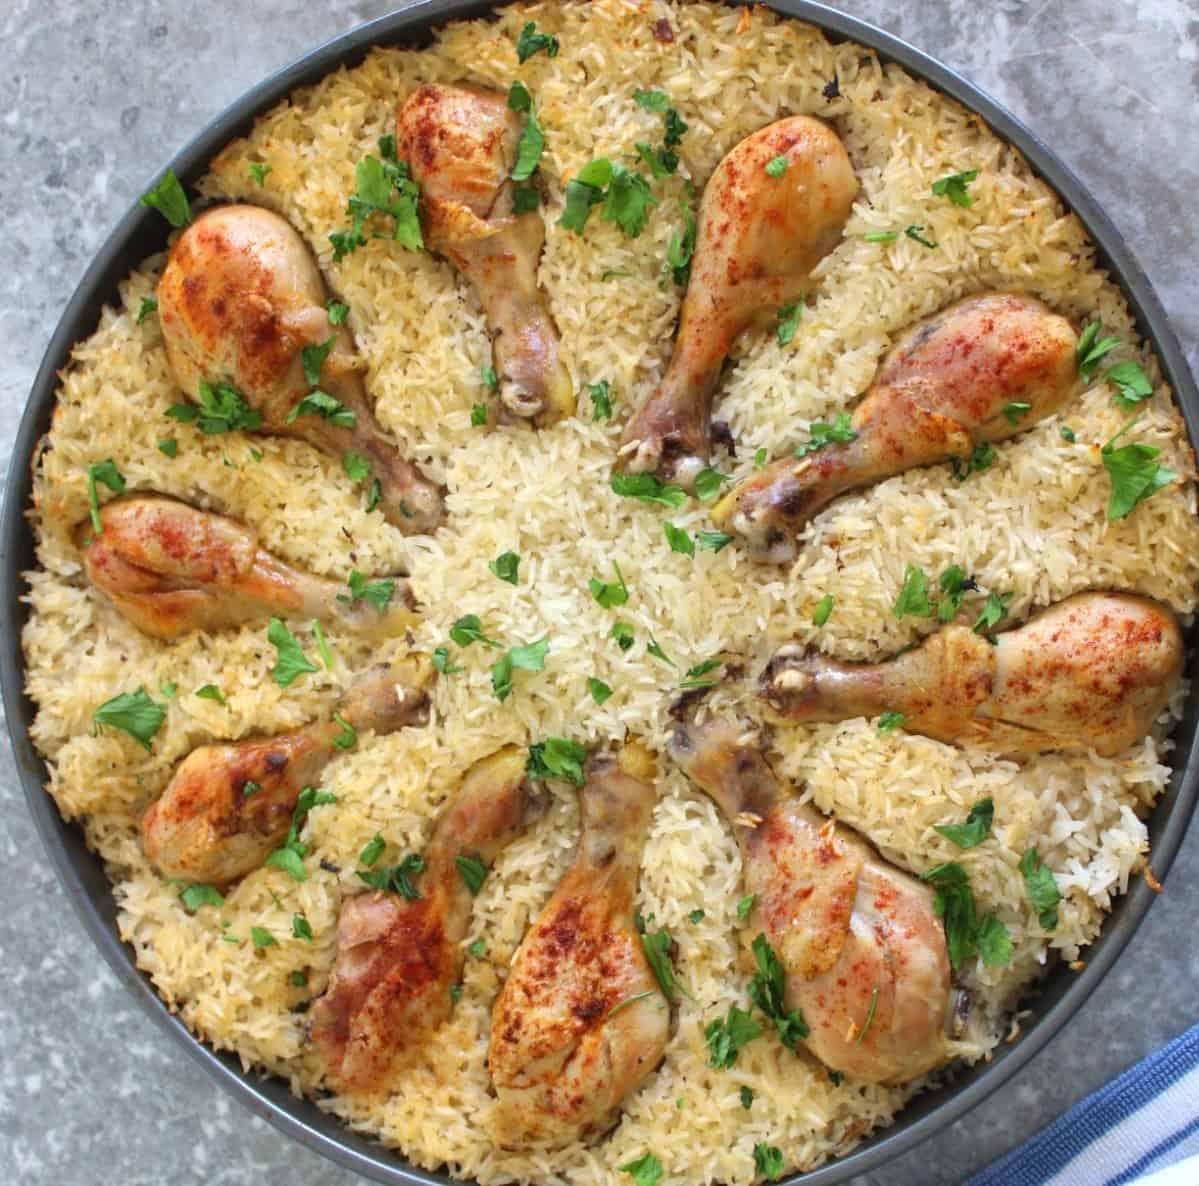 Baked Chicken & Rice - Mediterranean Latin Love Affair